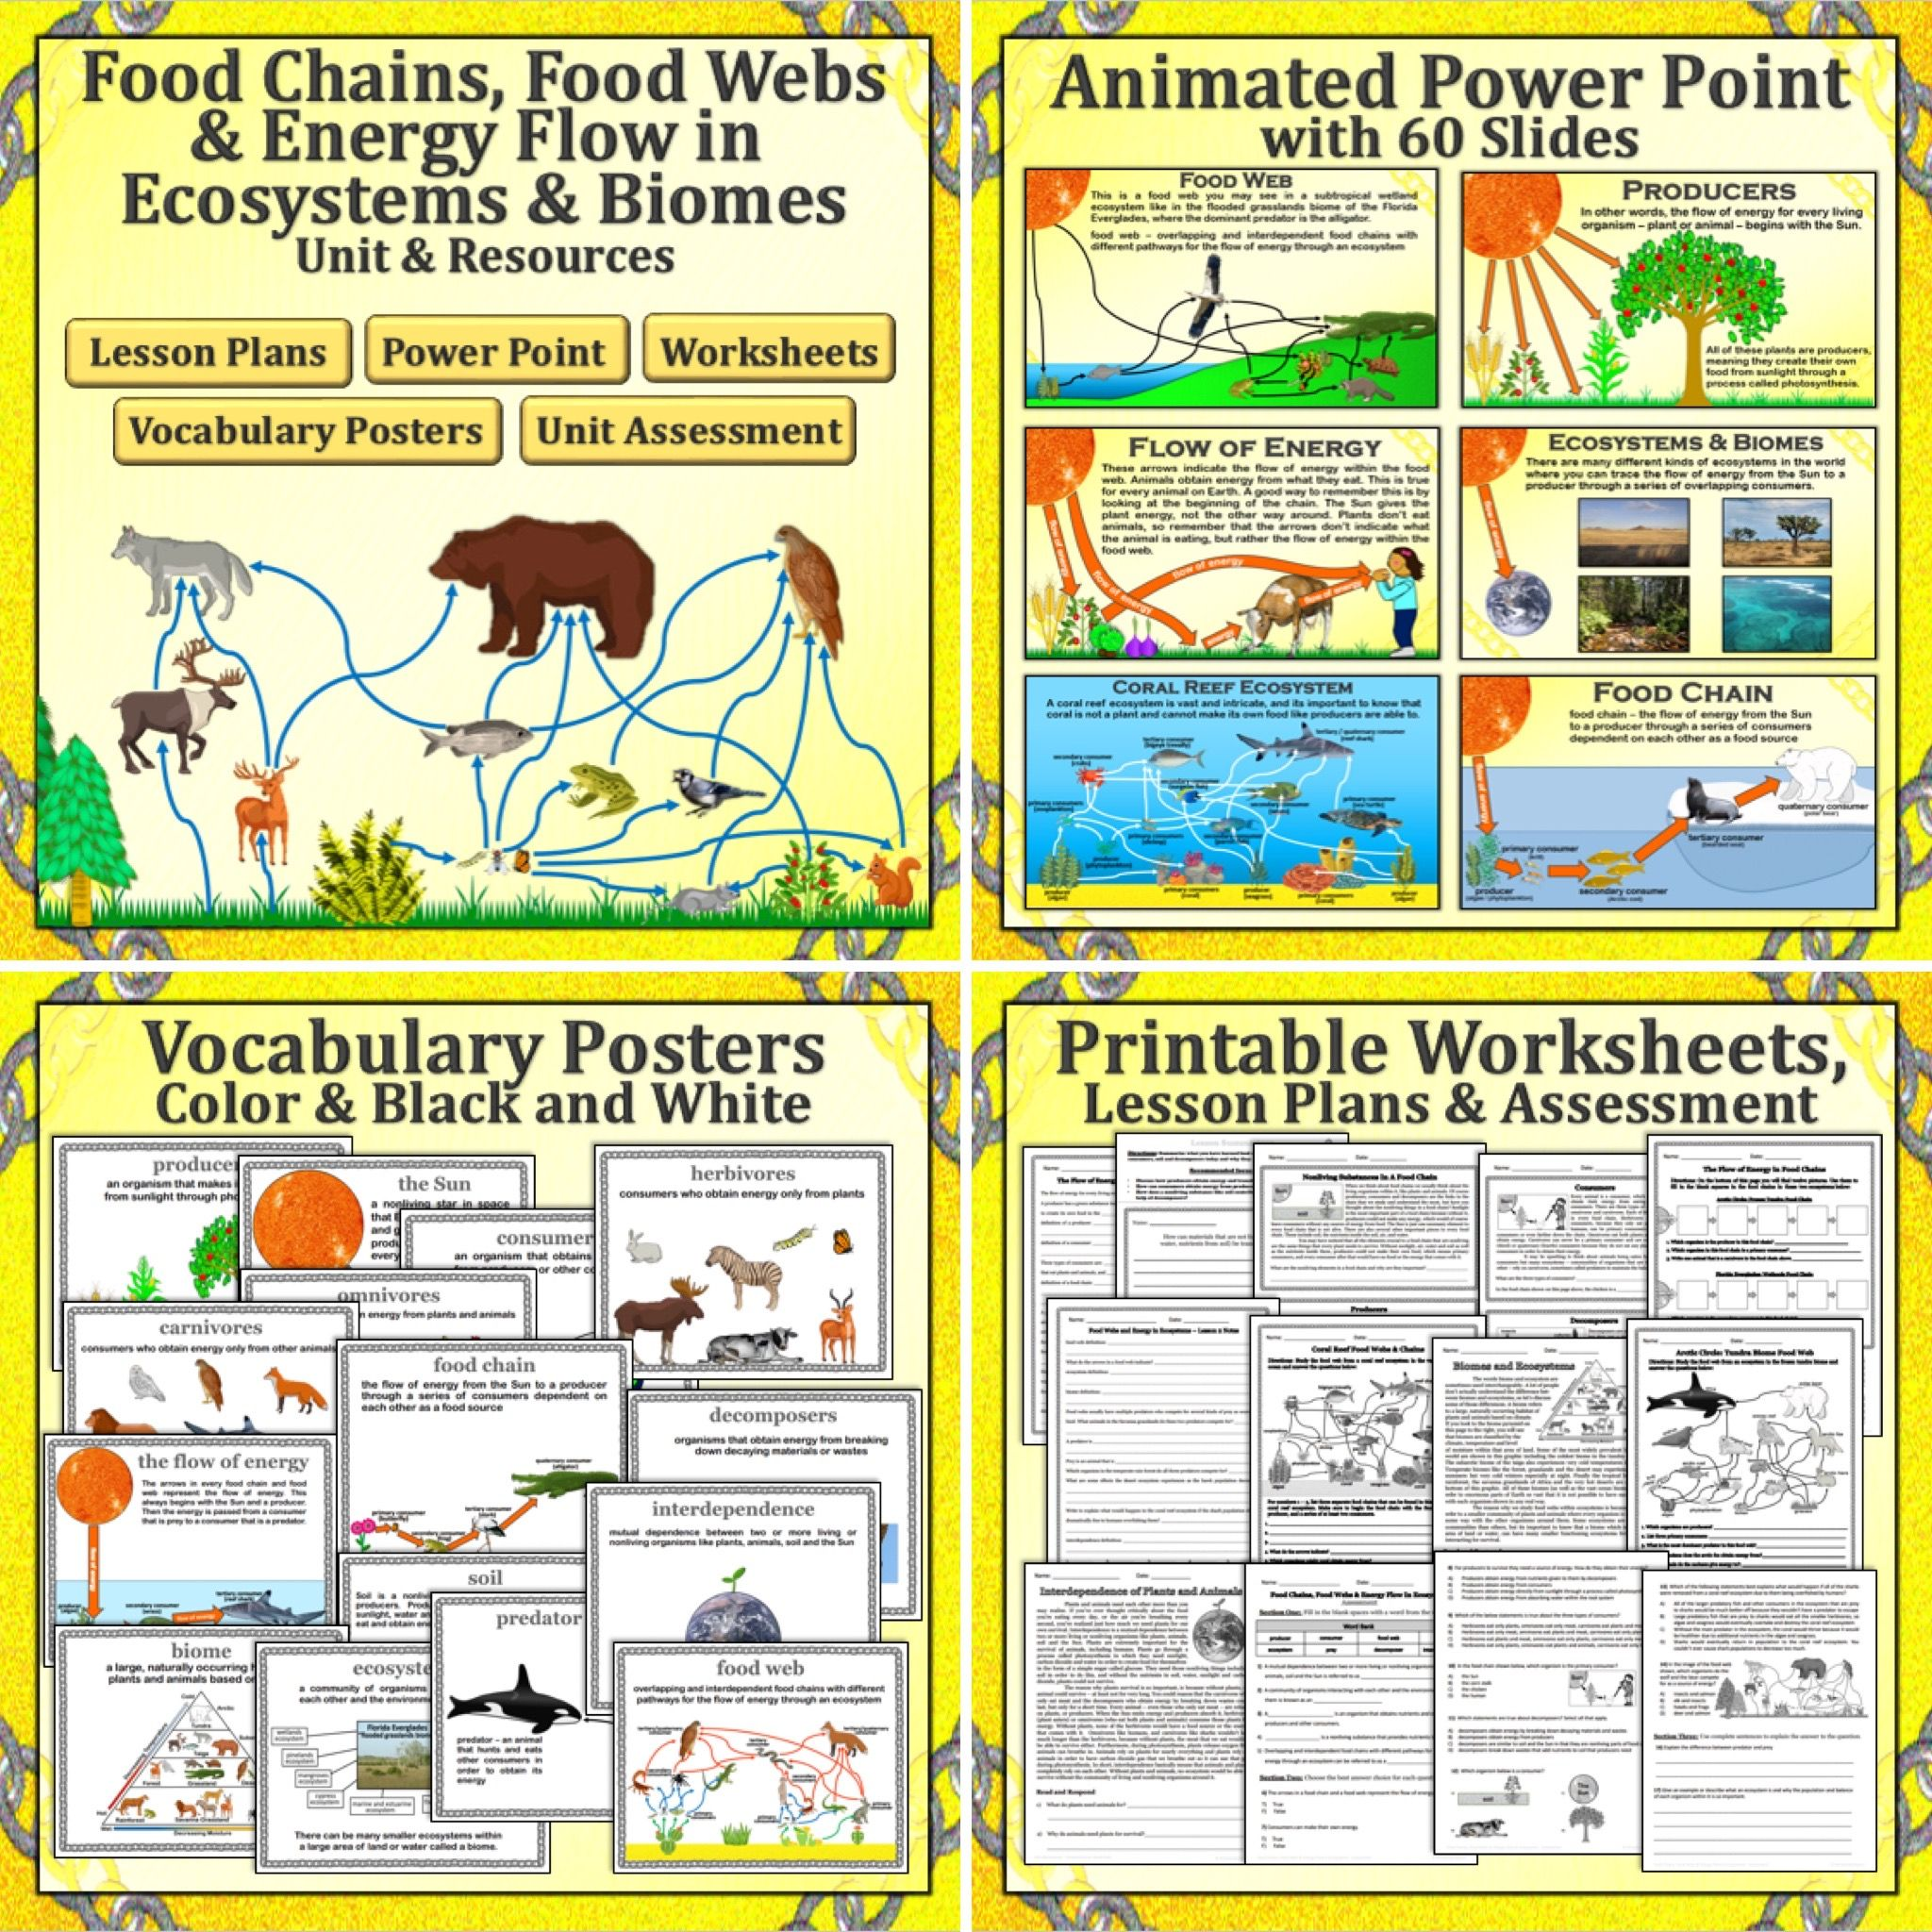 Food Chains Food Webs Energy Flow In Ecosystems And Biomes Unit Food Chain Food Web Ecosystems